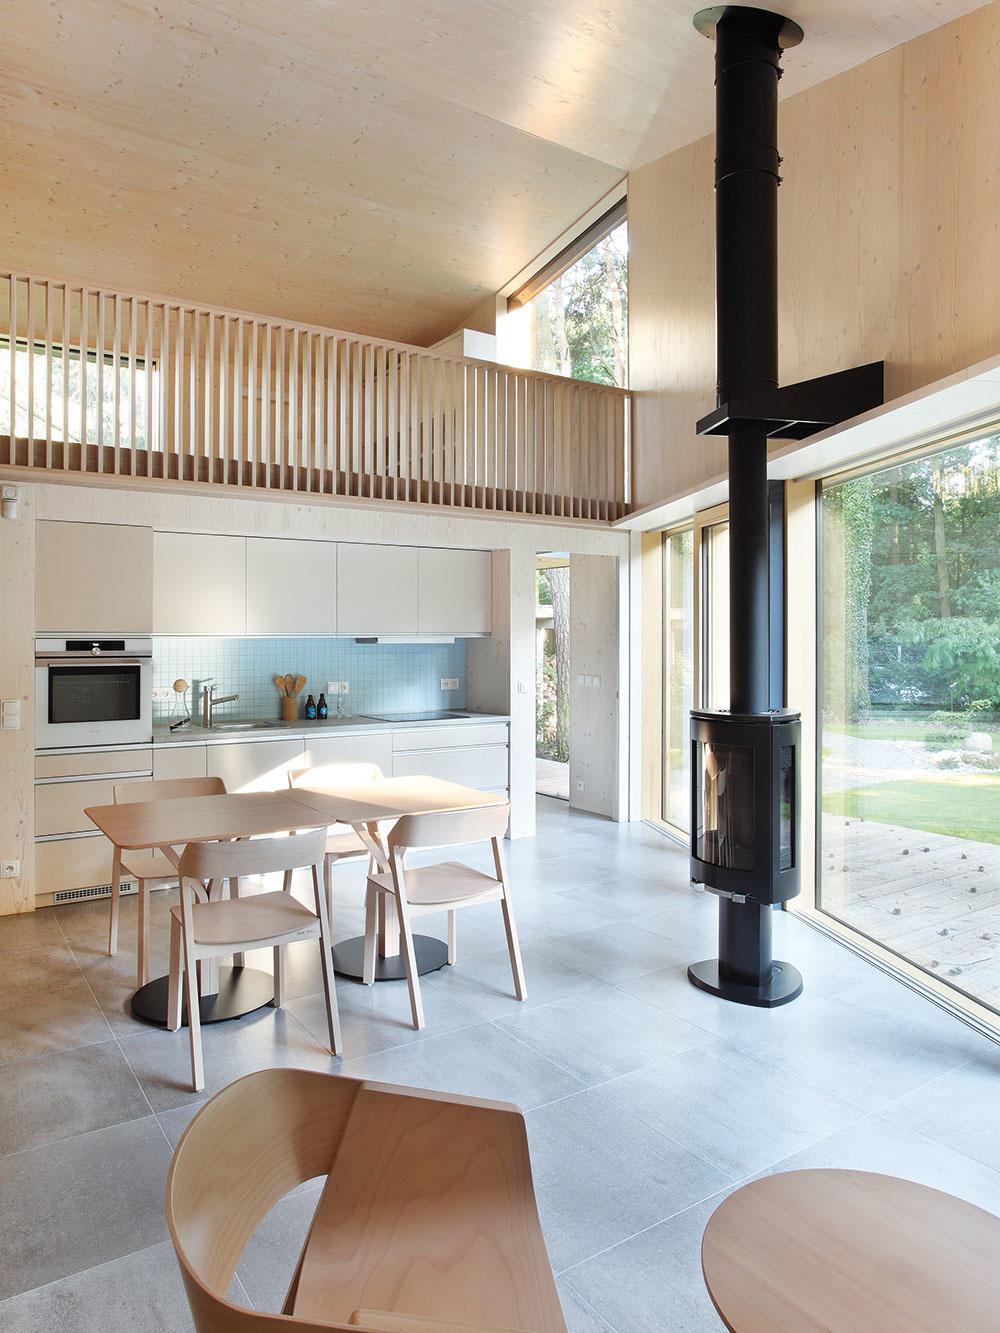 Kozubové kachle, ktoré sa starajú ovykurovanie celého objektu, sú umiestené takmer vcentre dispozície obývačky. Dopĺňajú pôsobivý výhľad avytvárajú zaujímavý kontrast kcelodrevenému interiéru.